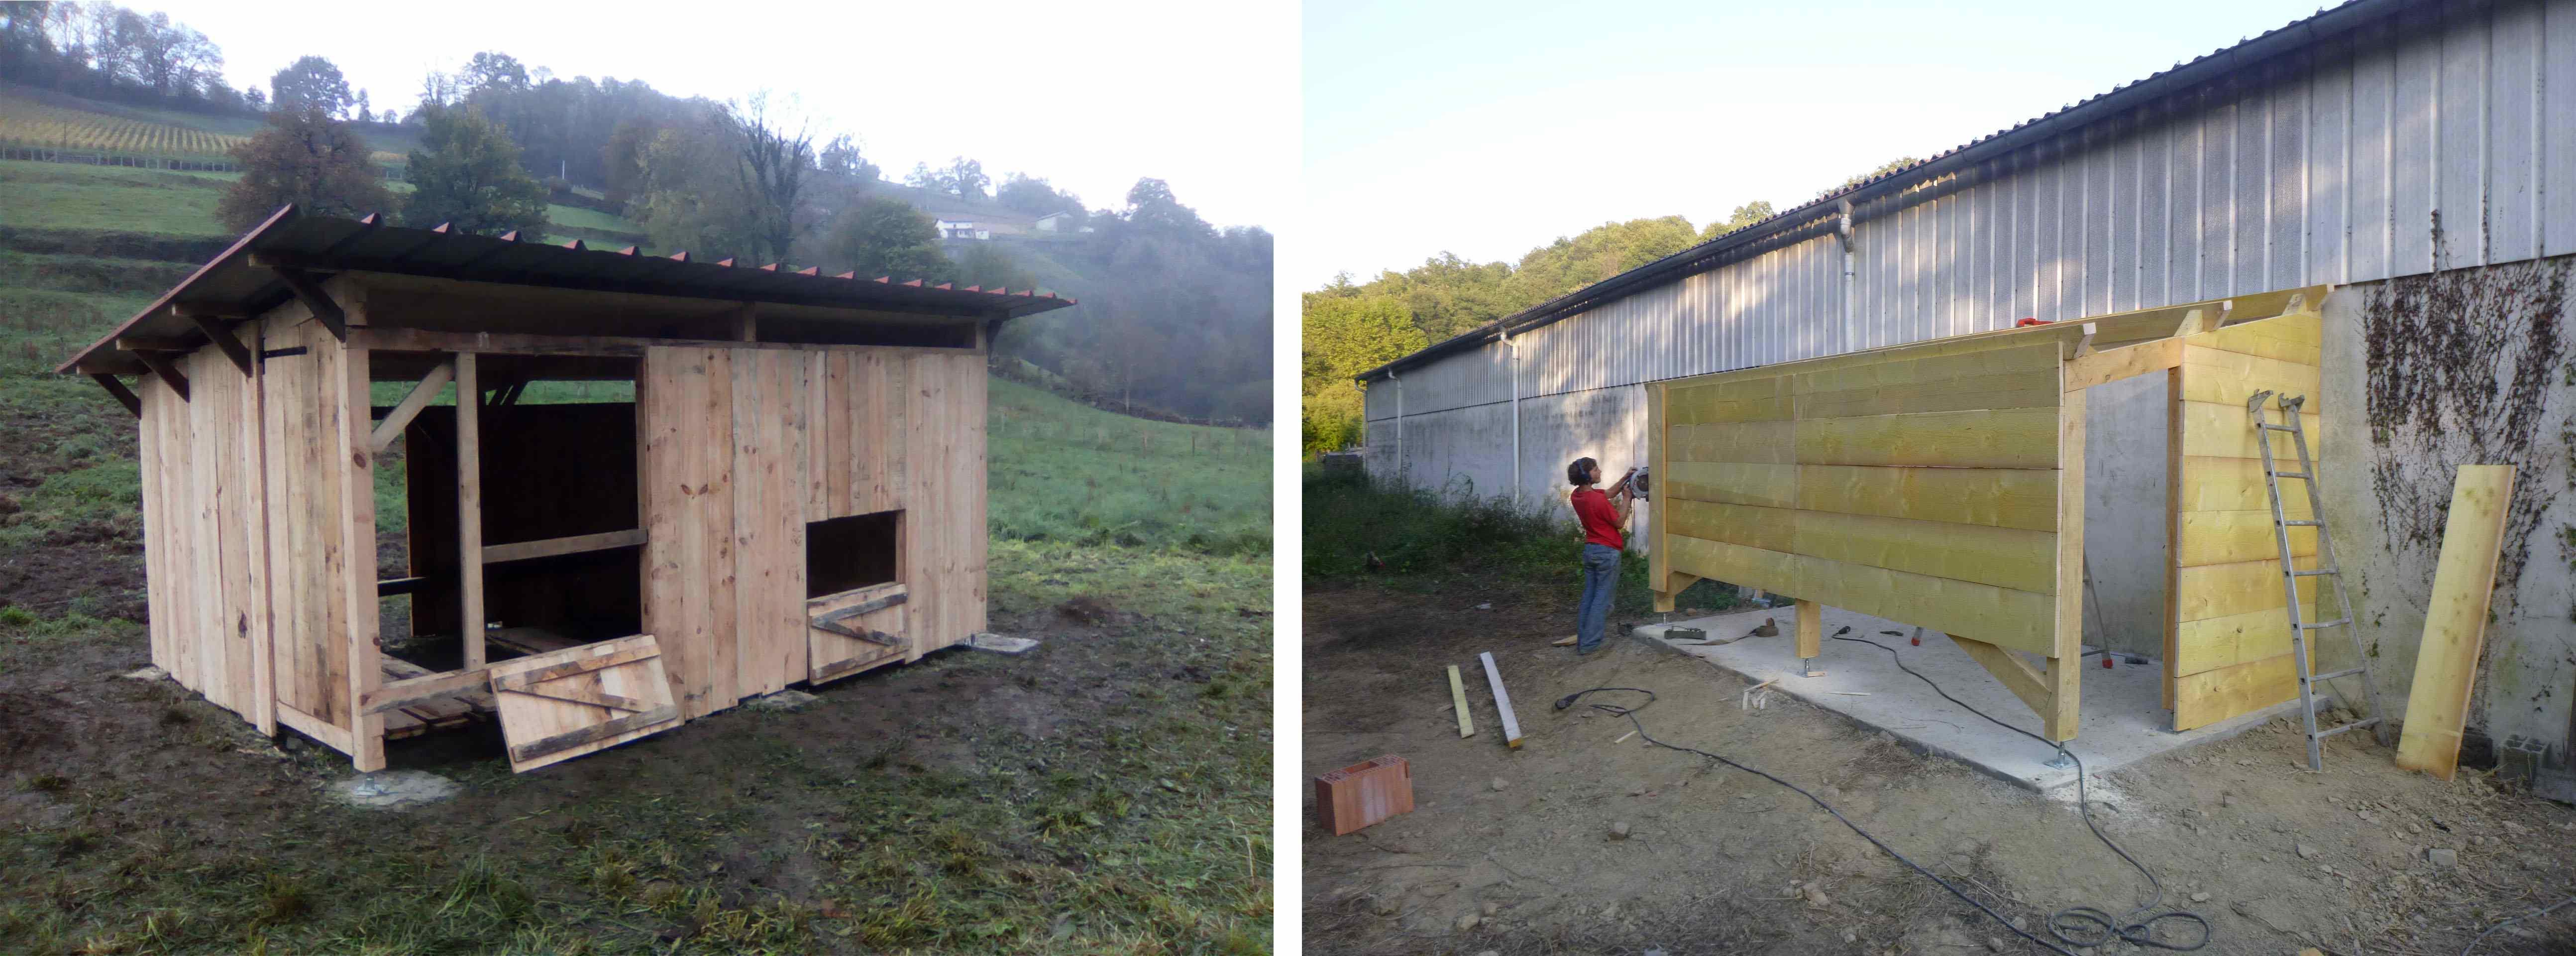 Construire Abris Bois abris en bois - l'atelier paysan